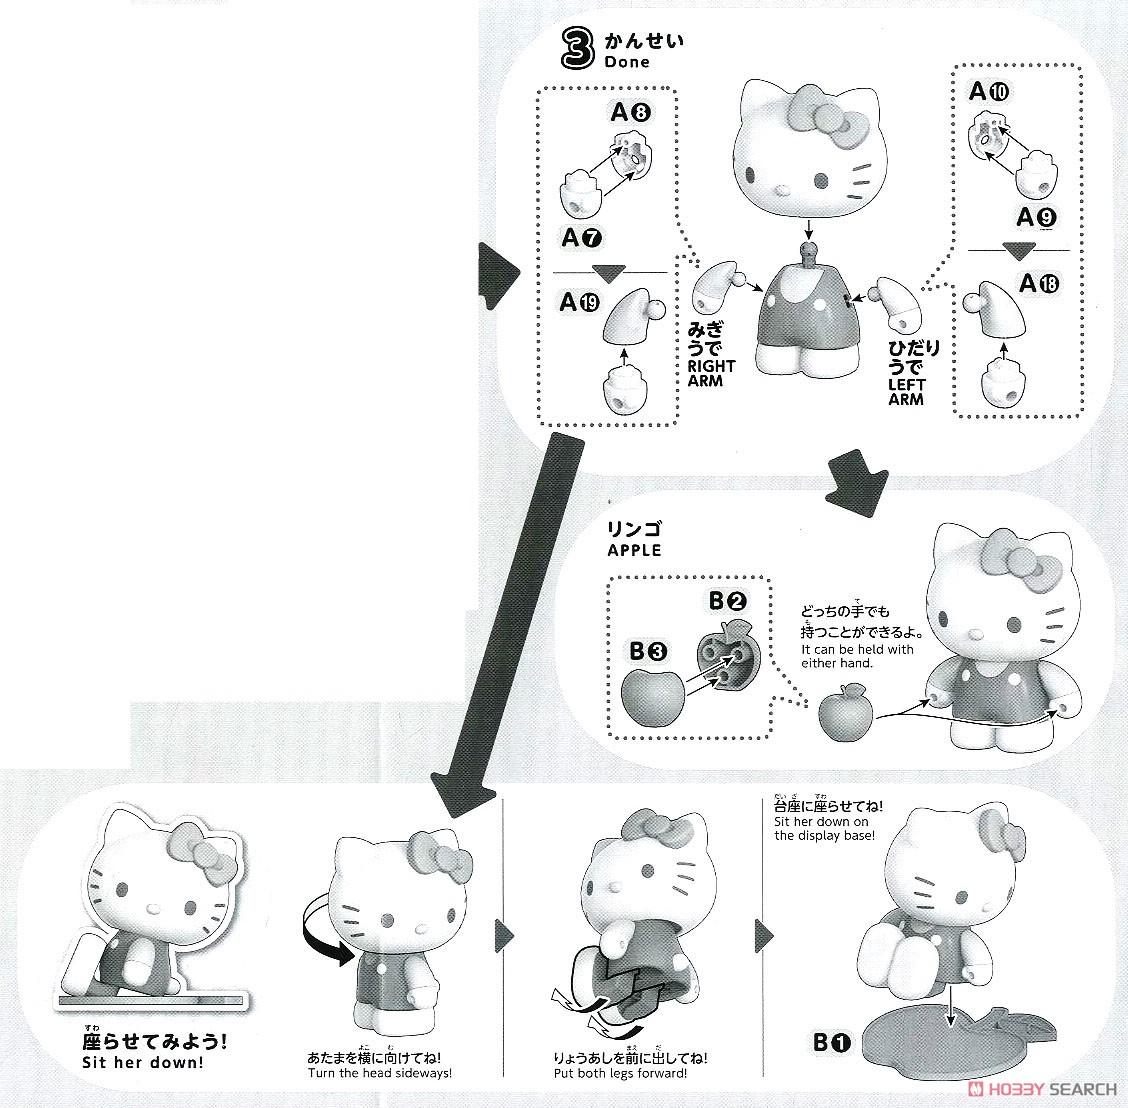 【再販】SDエクスタンダード『ハローキティ / RX-78-2 ガンダム[SD EX-STANDARD]』プラモデル-018